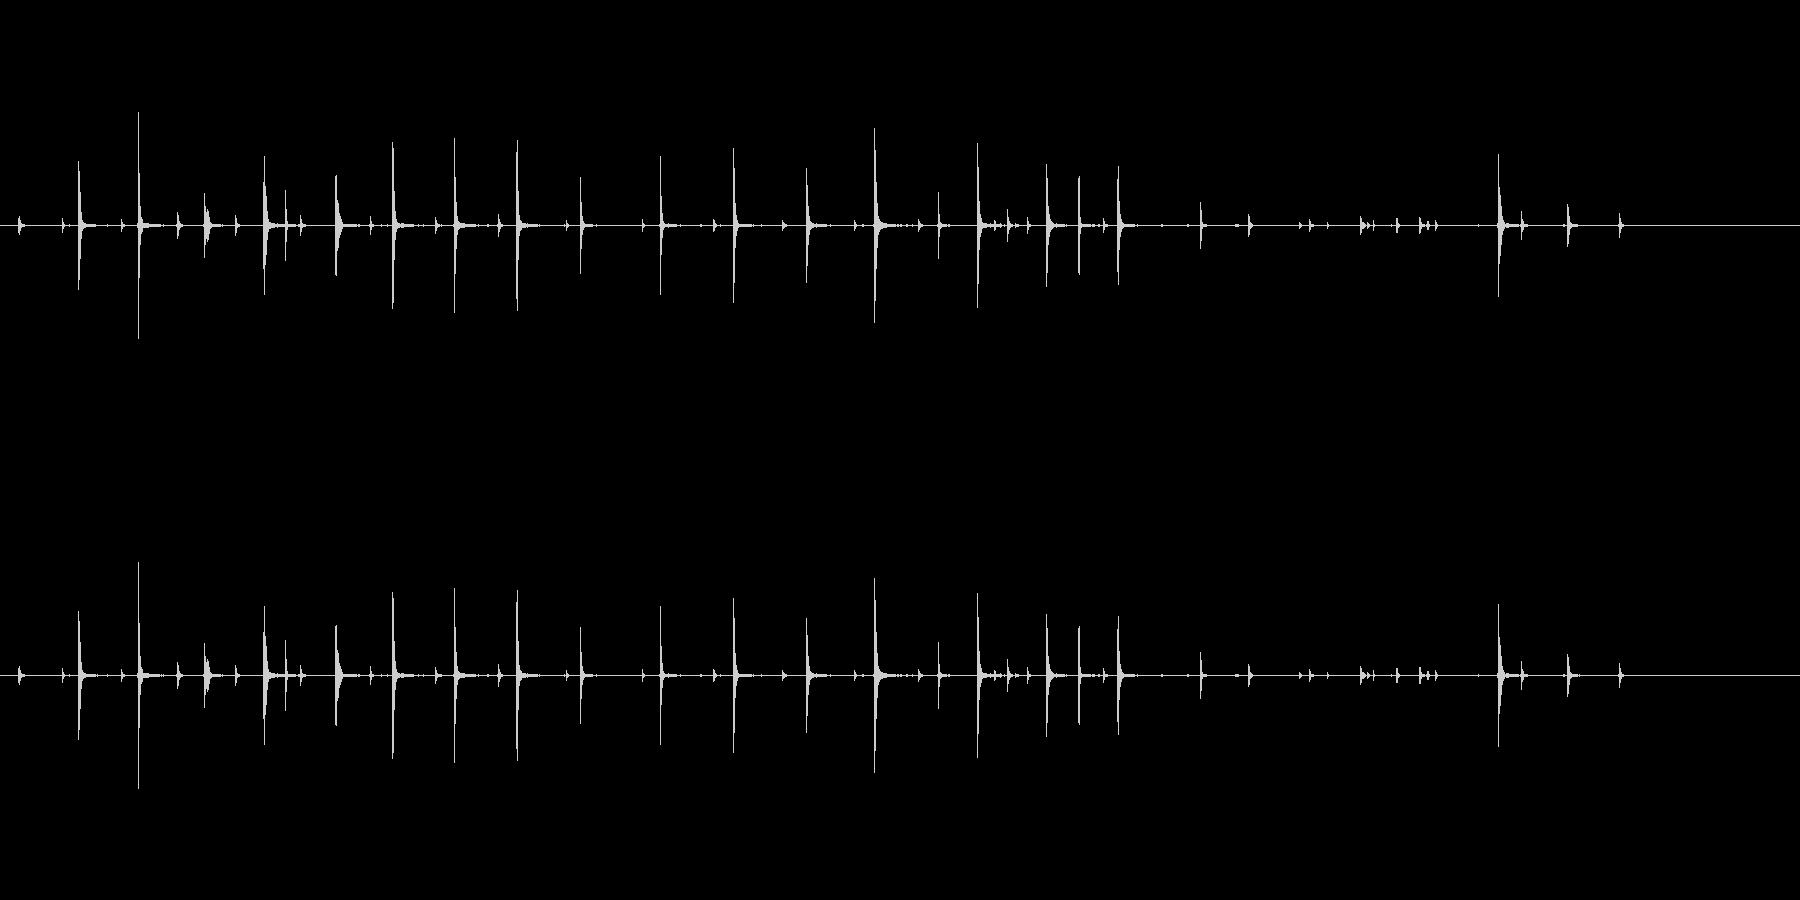 コーヒーカップ かき混ぜる効果音の未再生の波形